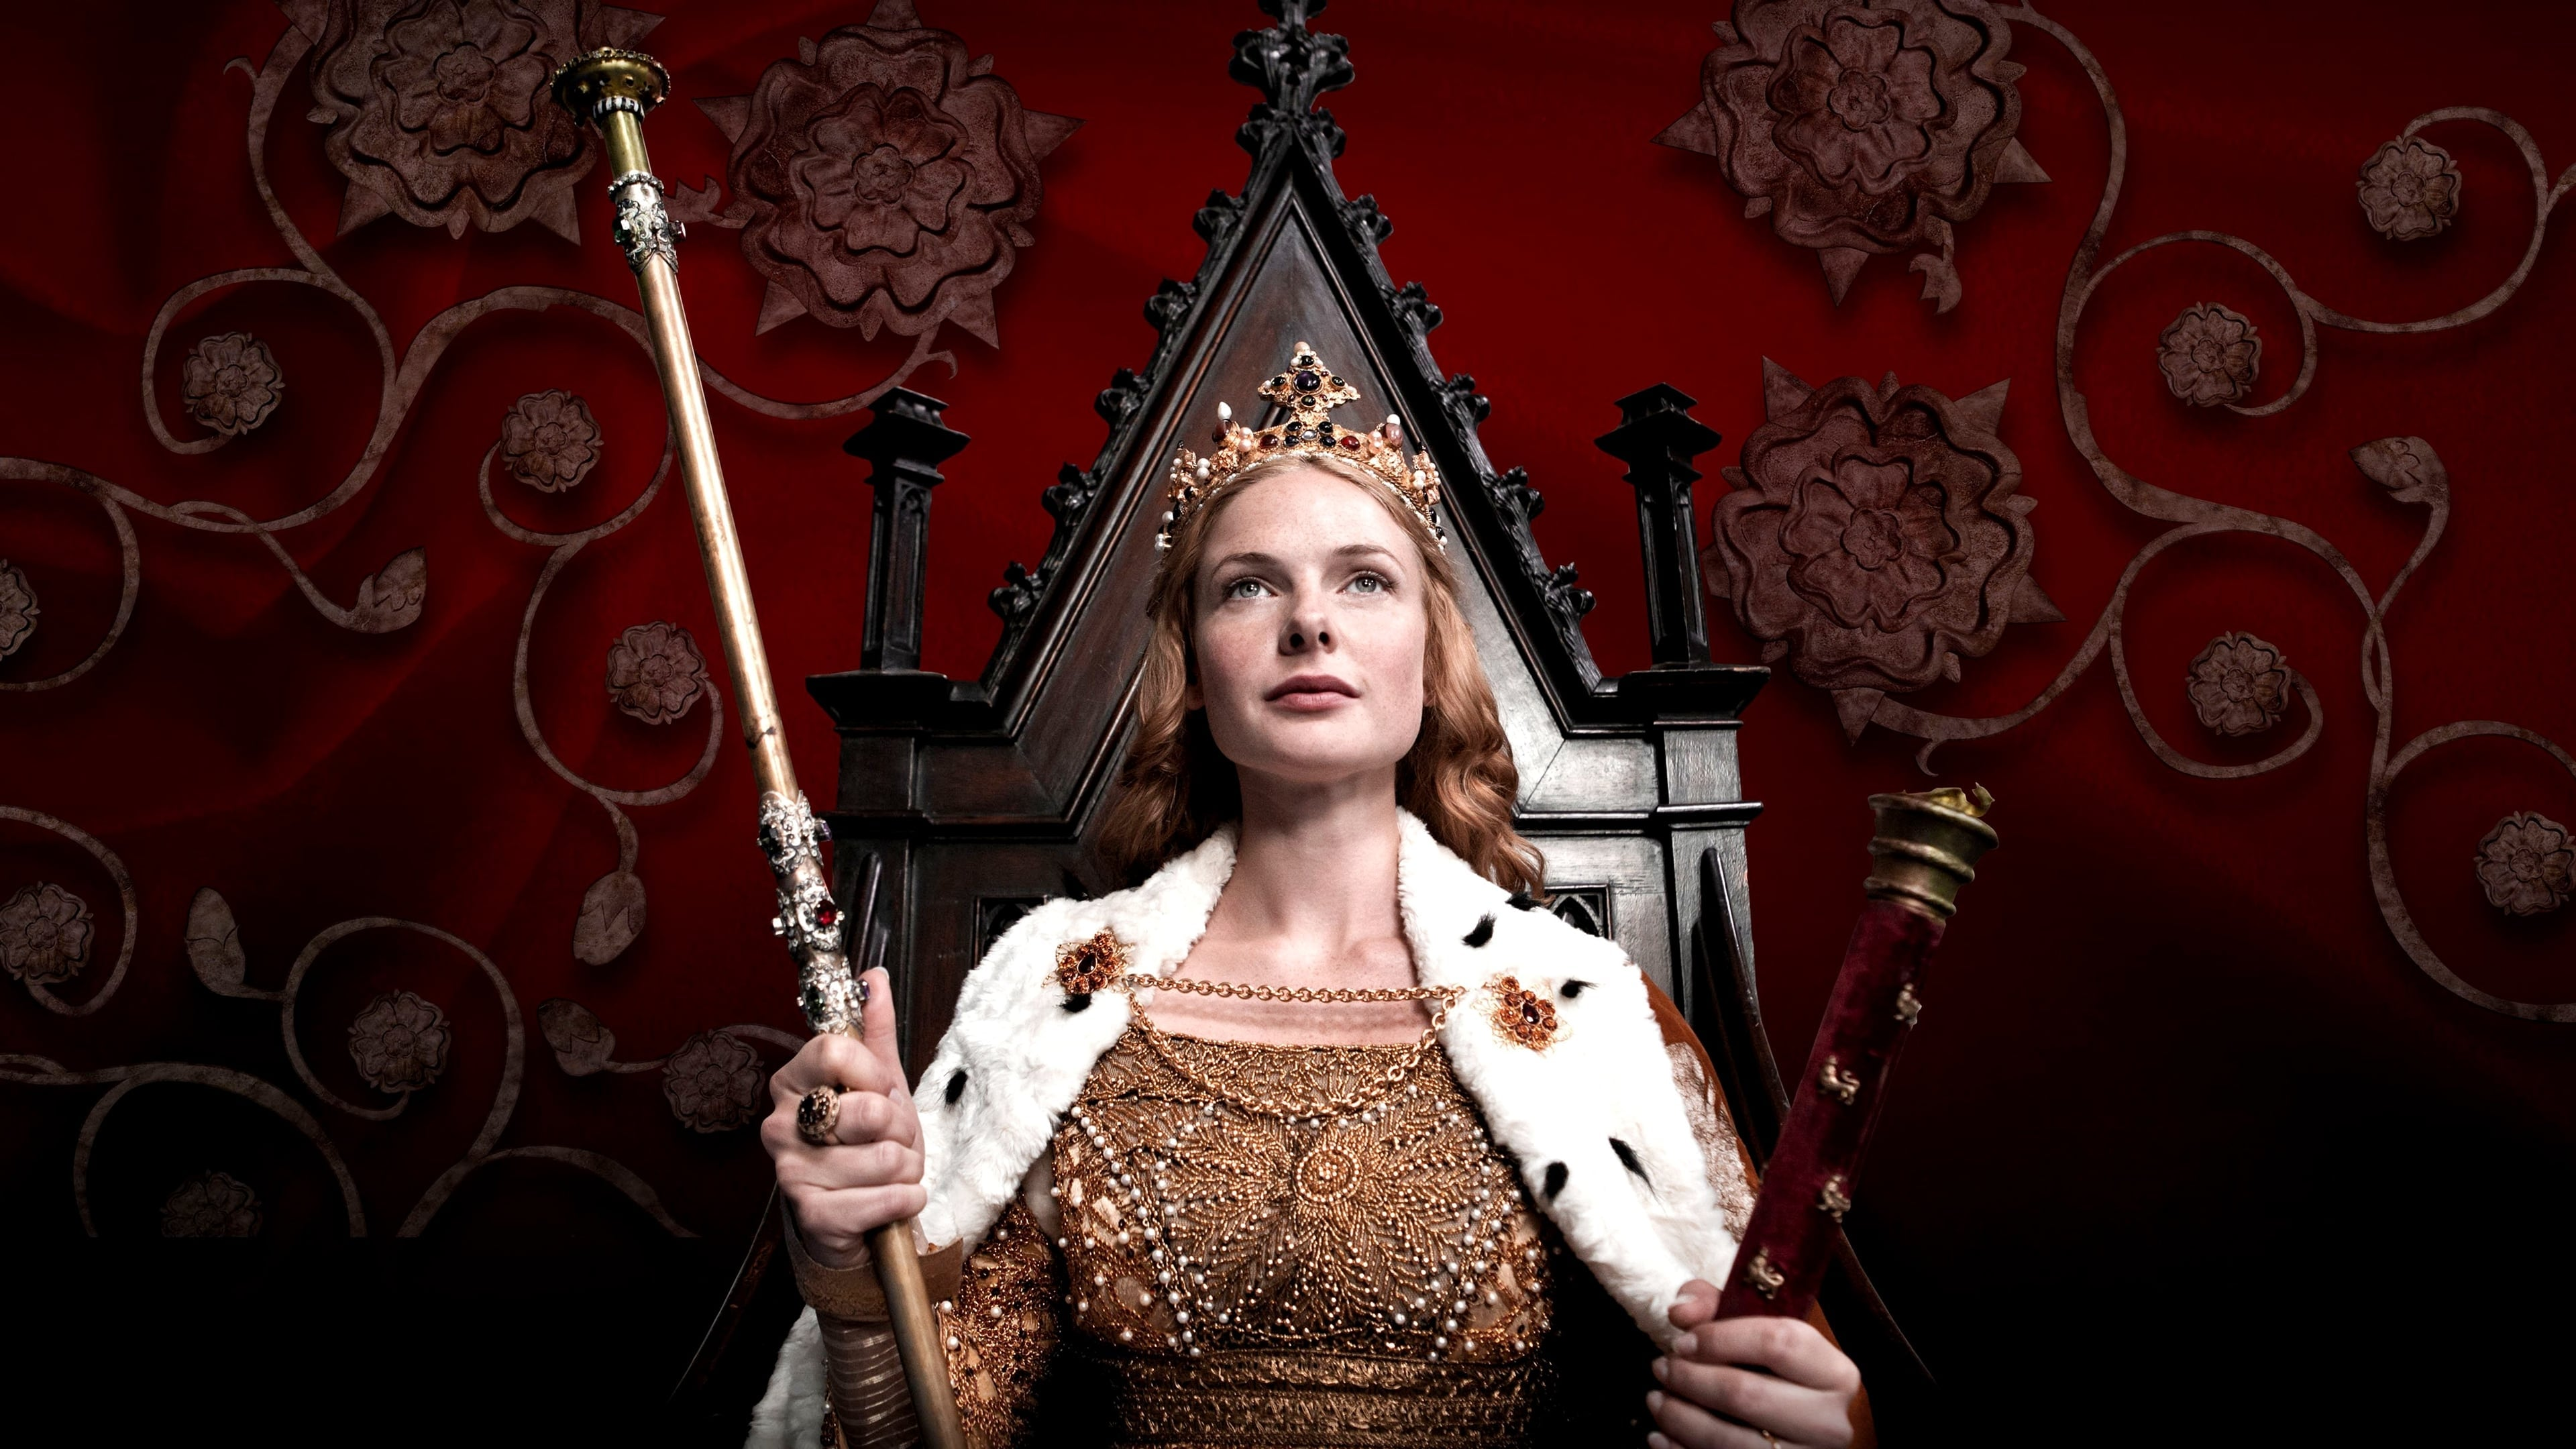 La reina blanca